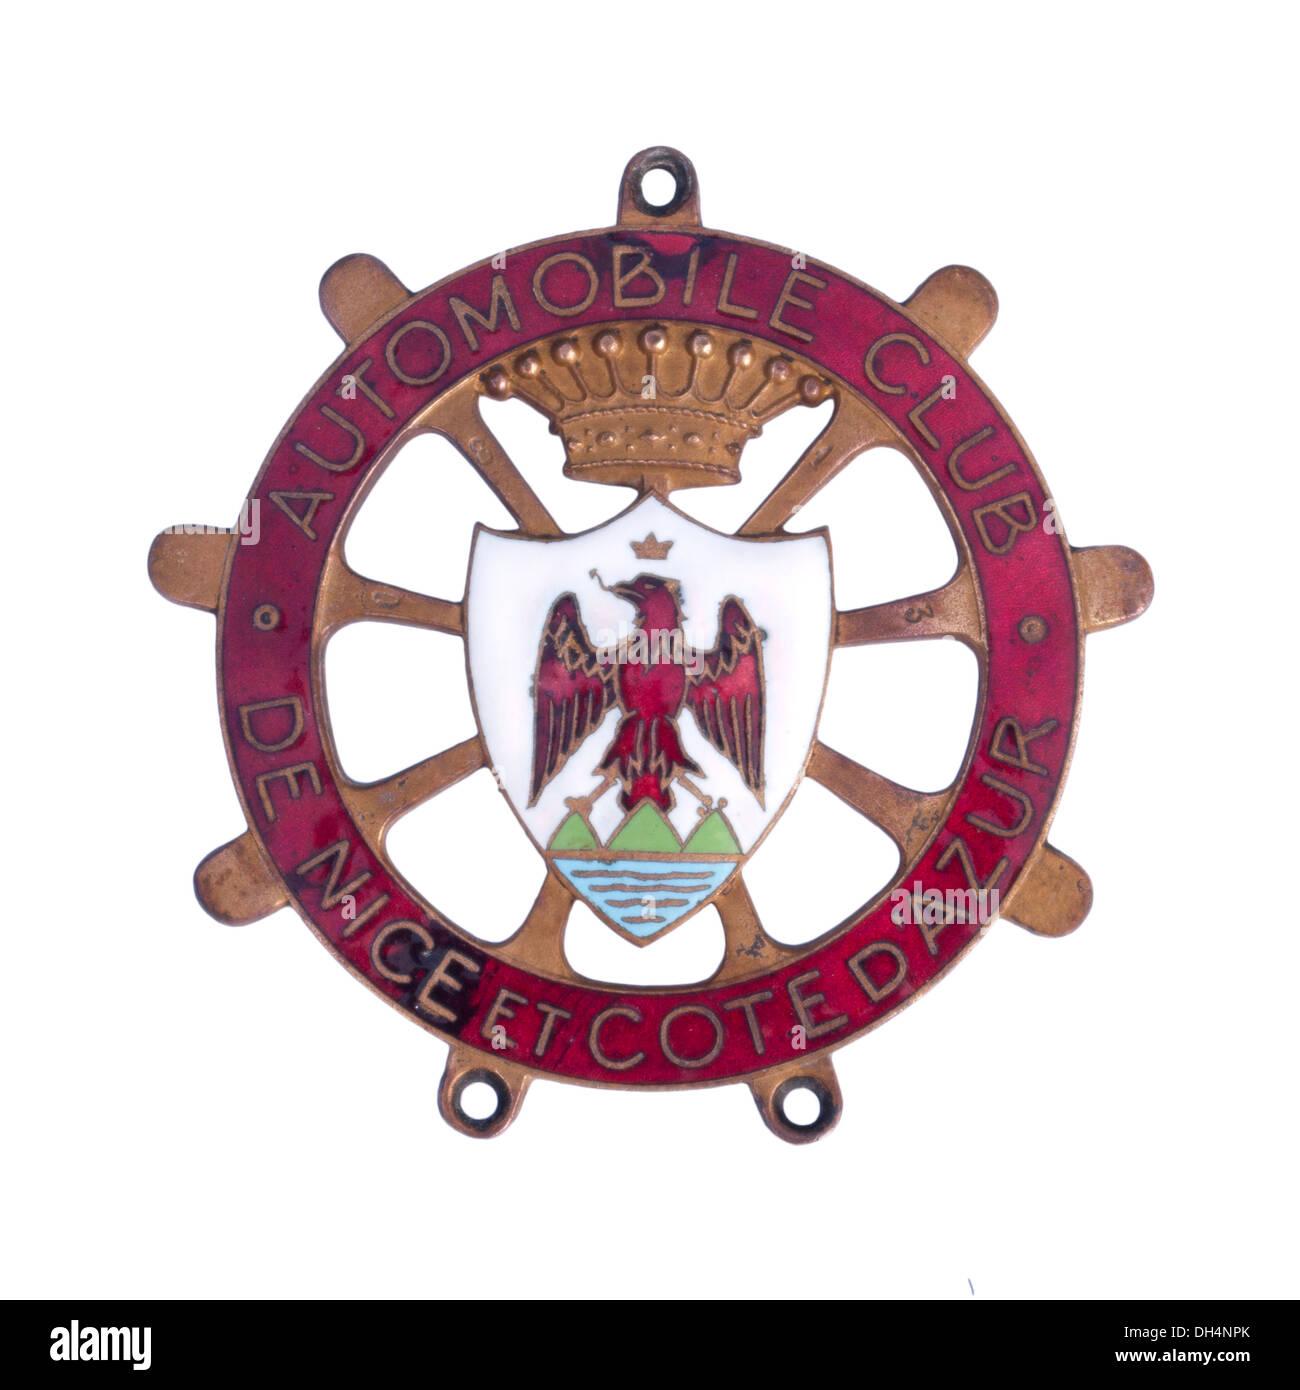 Automobile Club De Nice Et Cote D'Azure Metal Car Badge - Stock Image